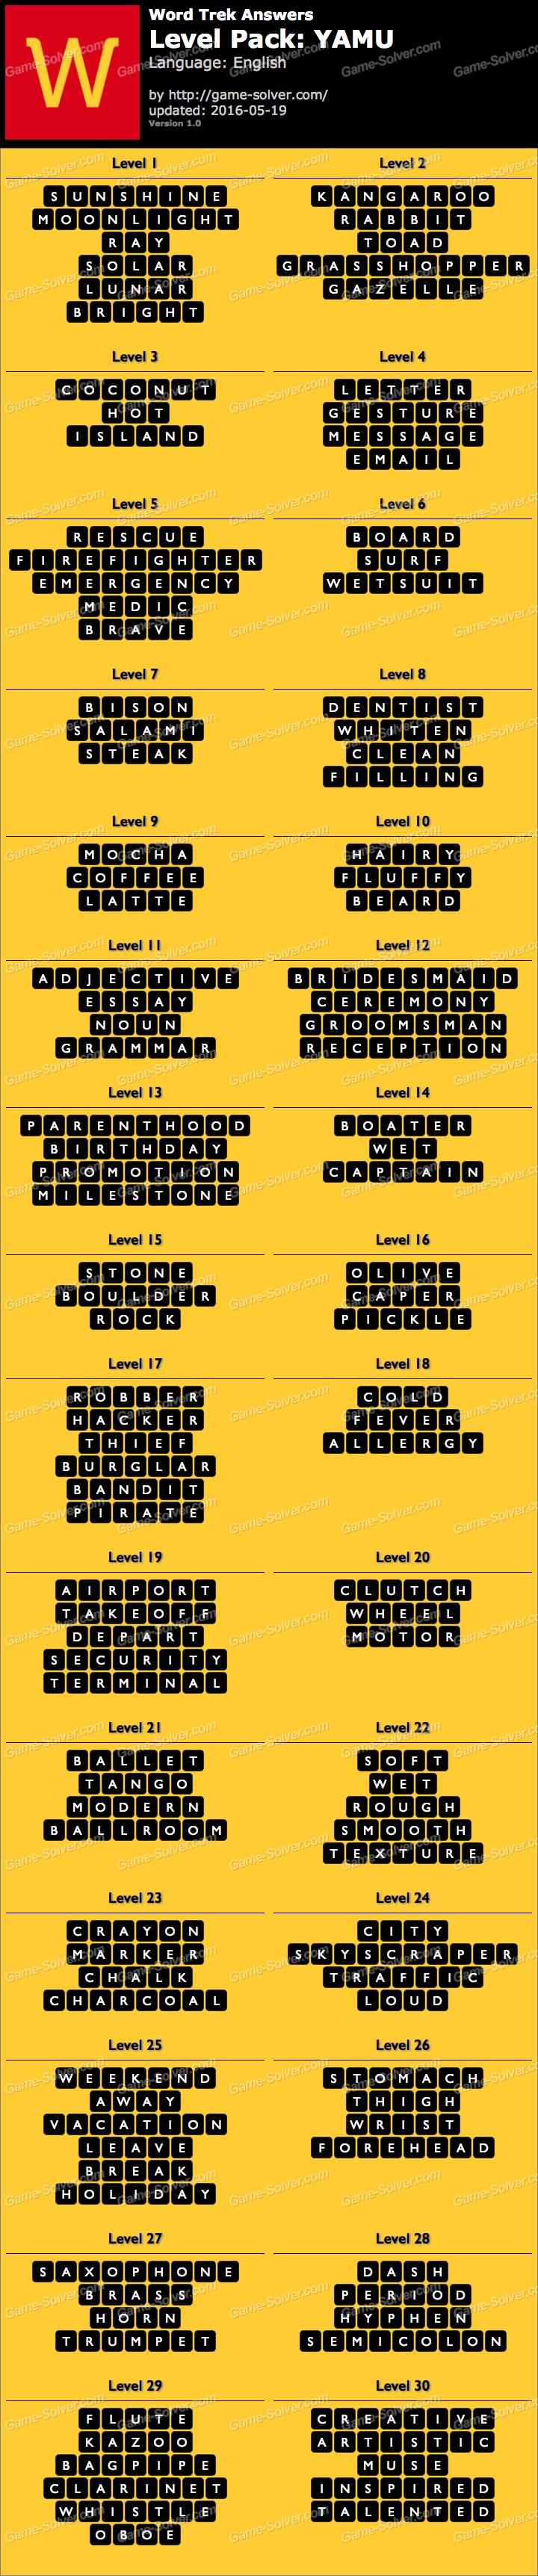 Word Trek Level Pack 65 YAMU Answers